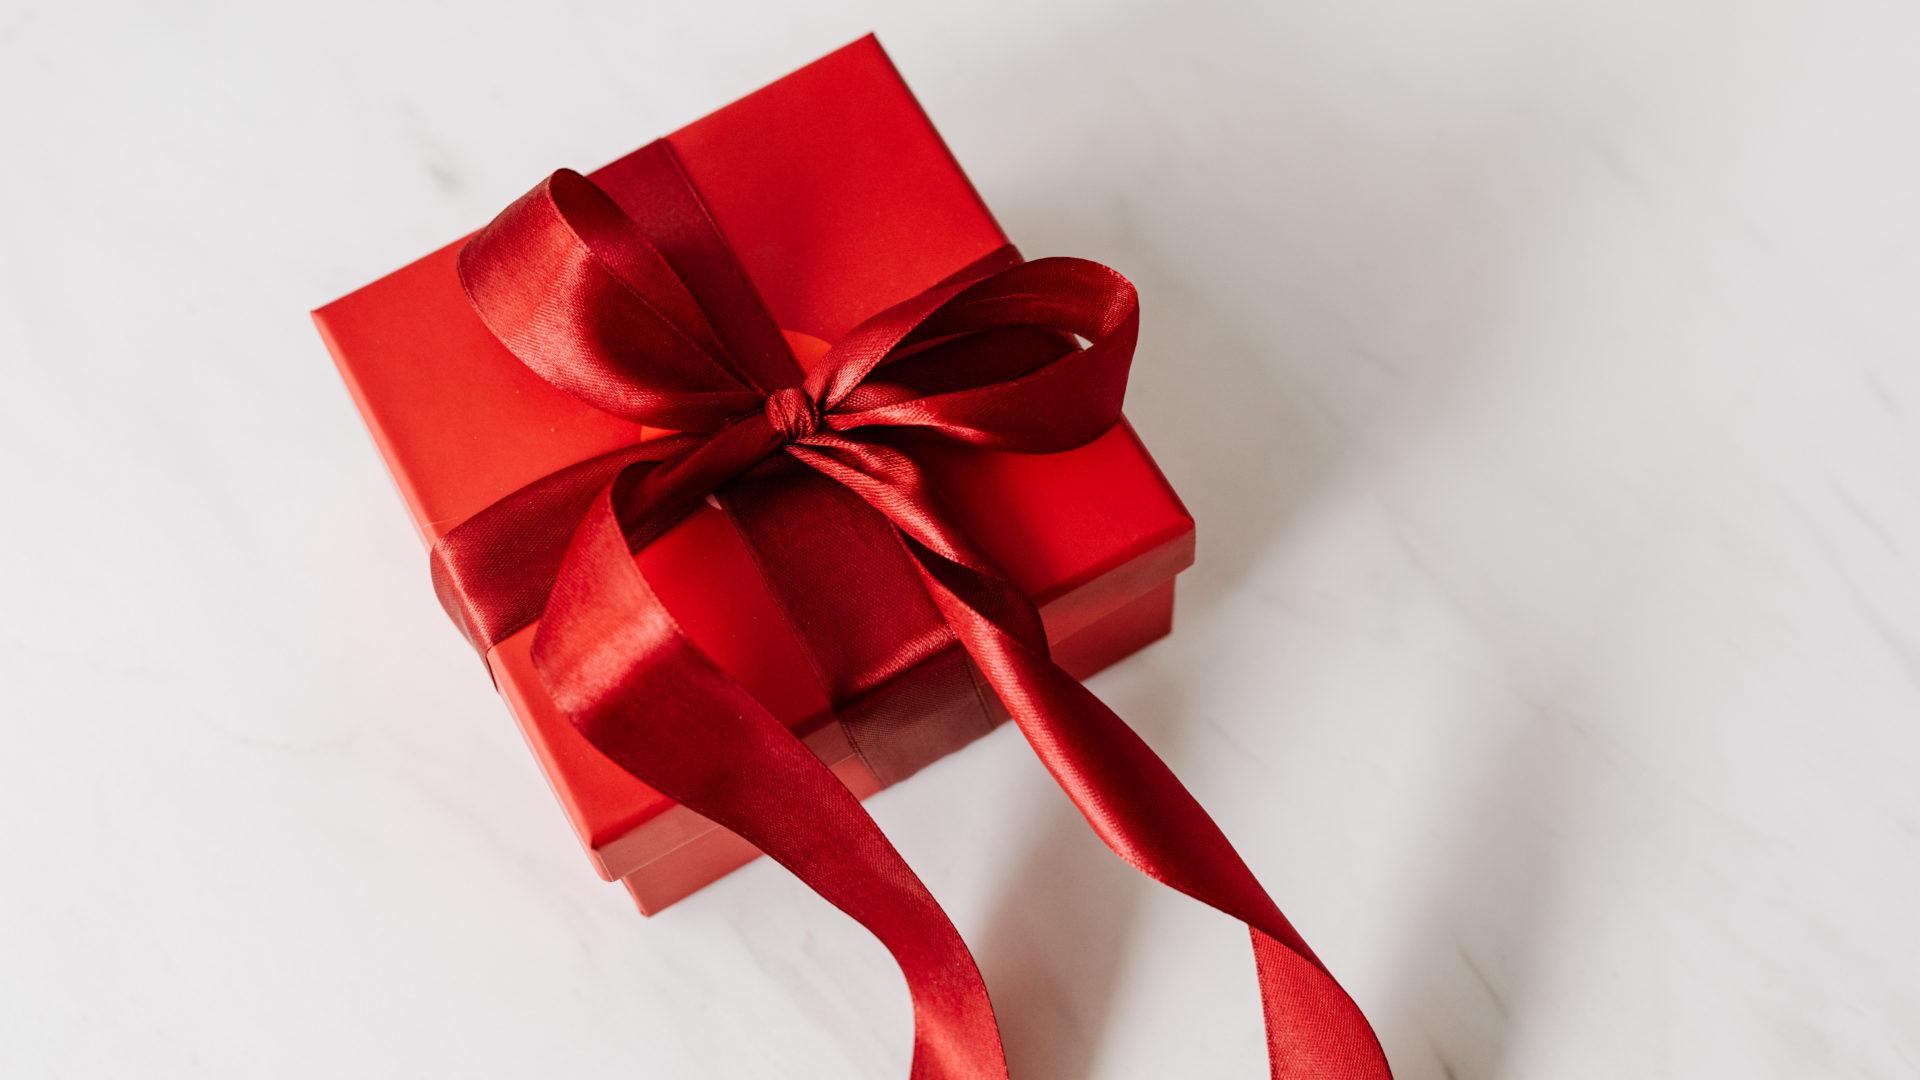 КОРОБКА С СЮРПРИЗОМ: 7 преимуществ бизнес-подарков